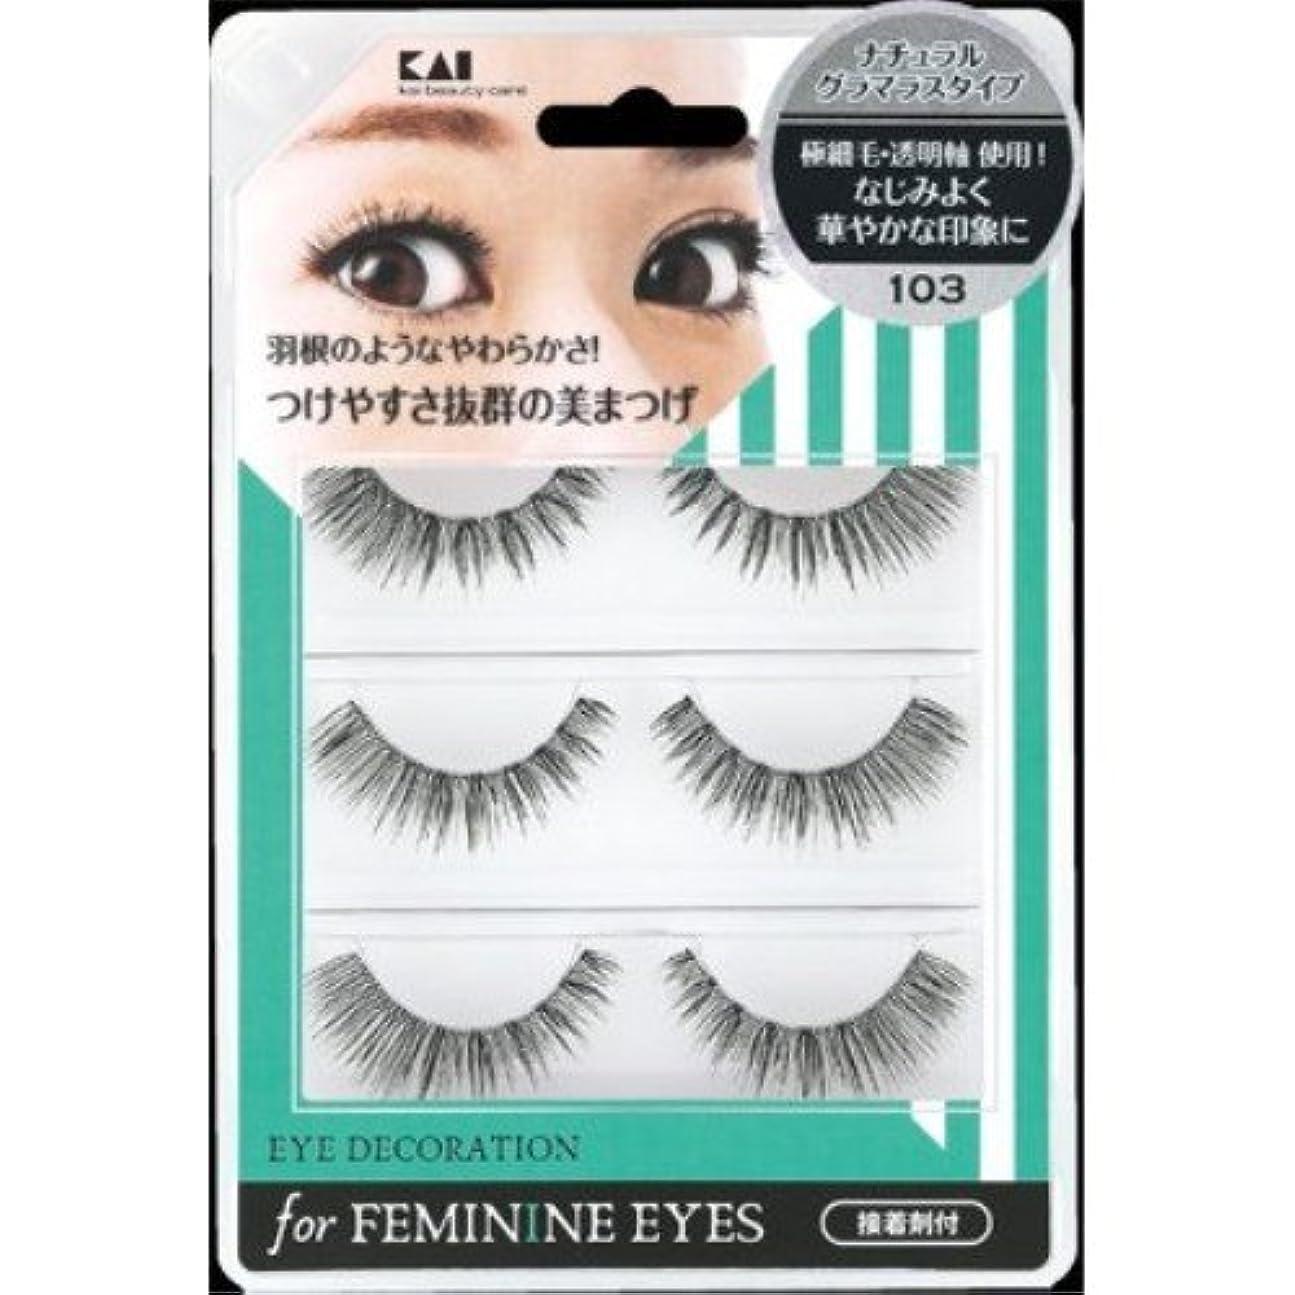 神秘あいさつする必要がある貝印 アイデコレーション for feminine eyes 103 HC1557